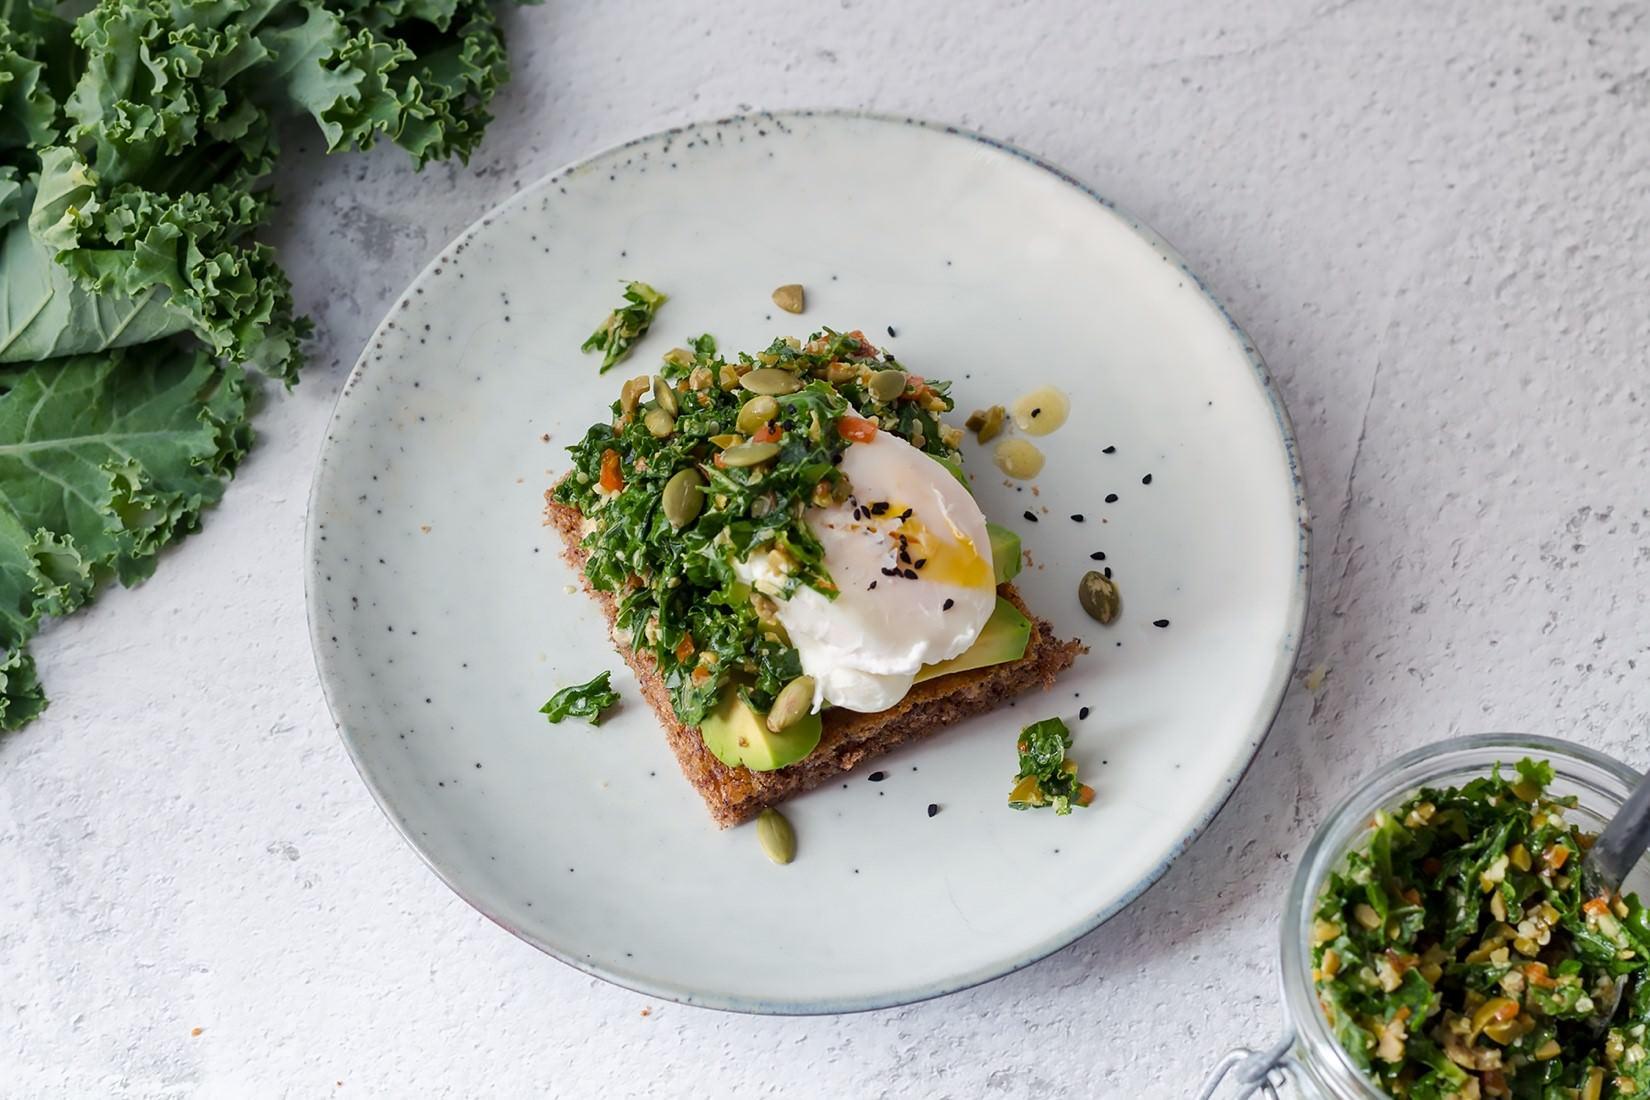 Tost z jarmużowego tapenade, awokado i poszerowanego jajka, chleb lchf